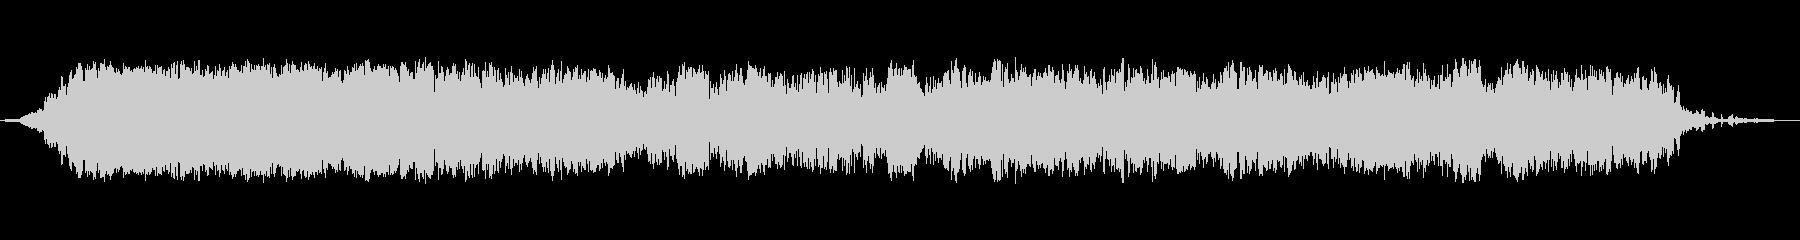 ドリームスケープオペレーターパッドの未再生の波形